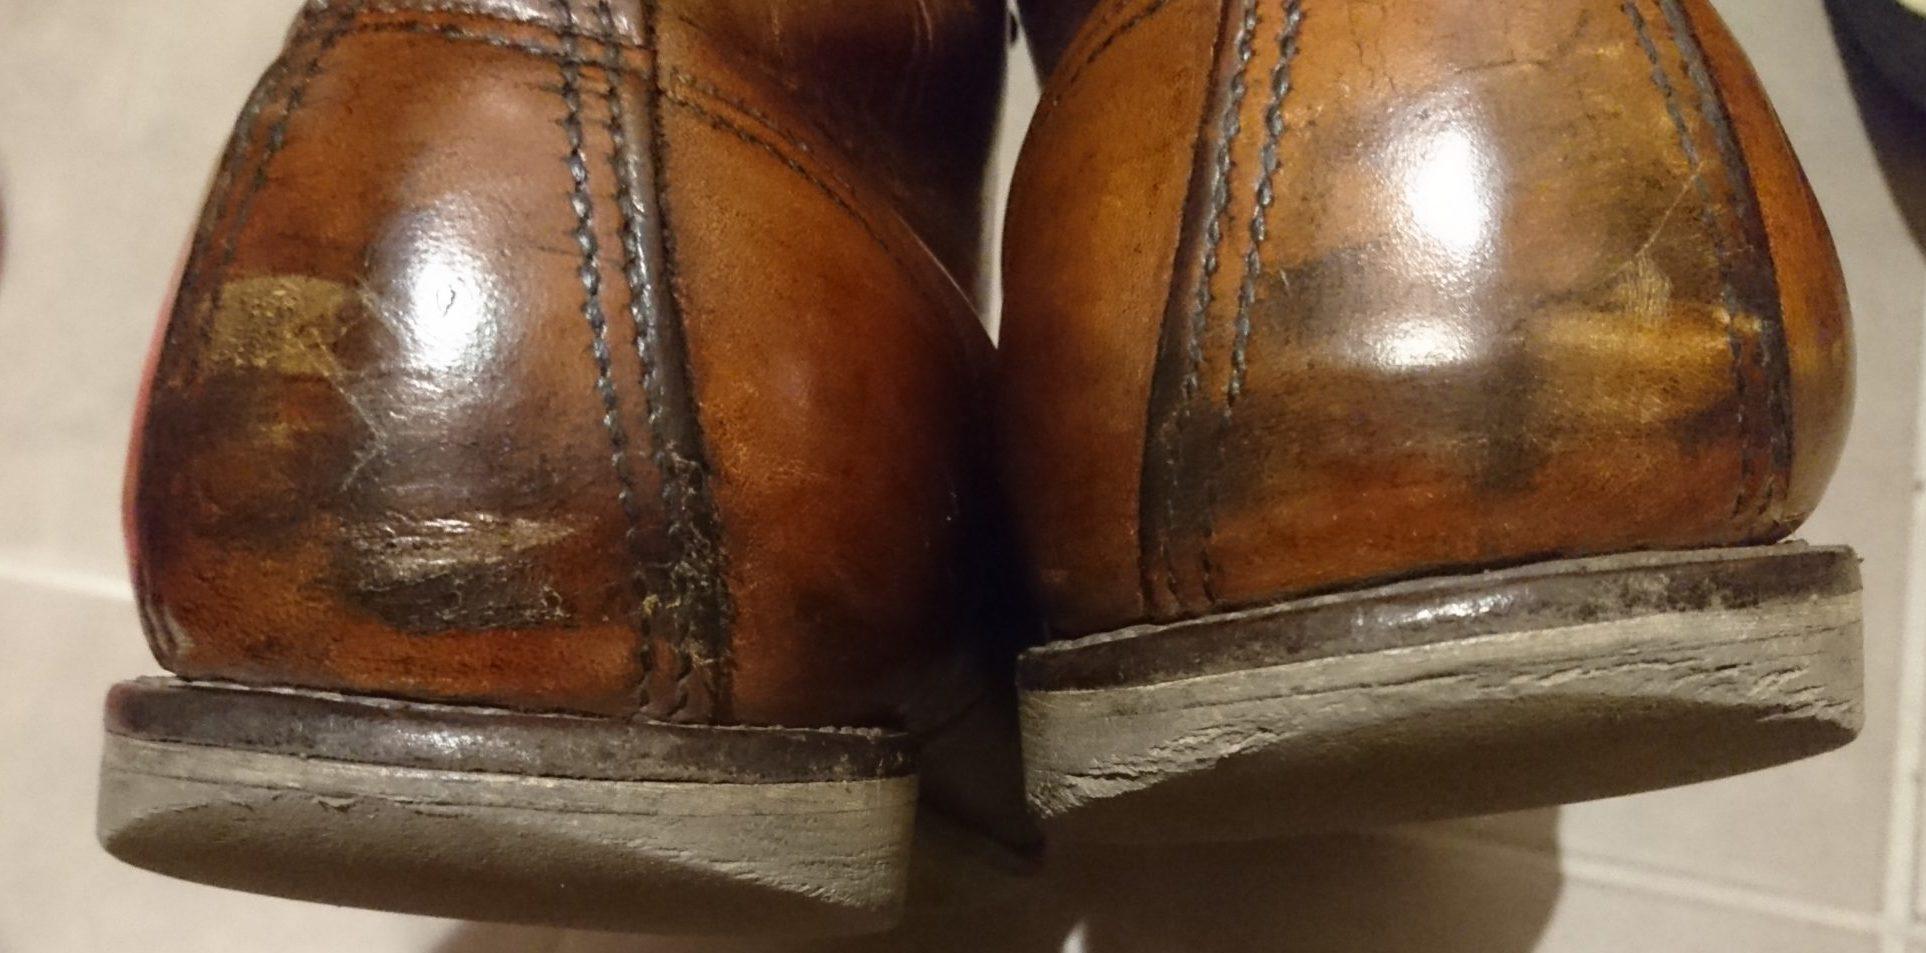 ヒール交換前のブーツ